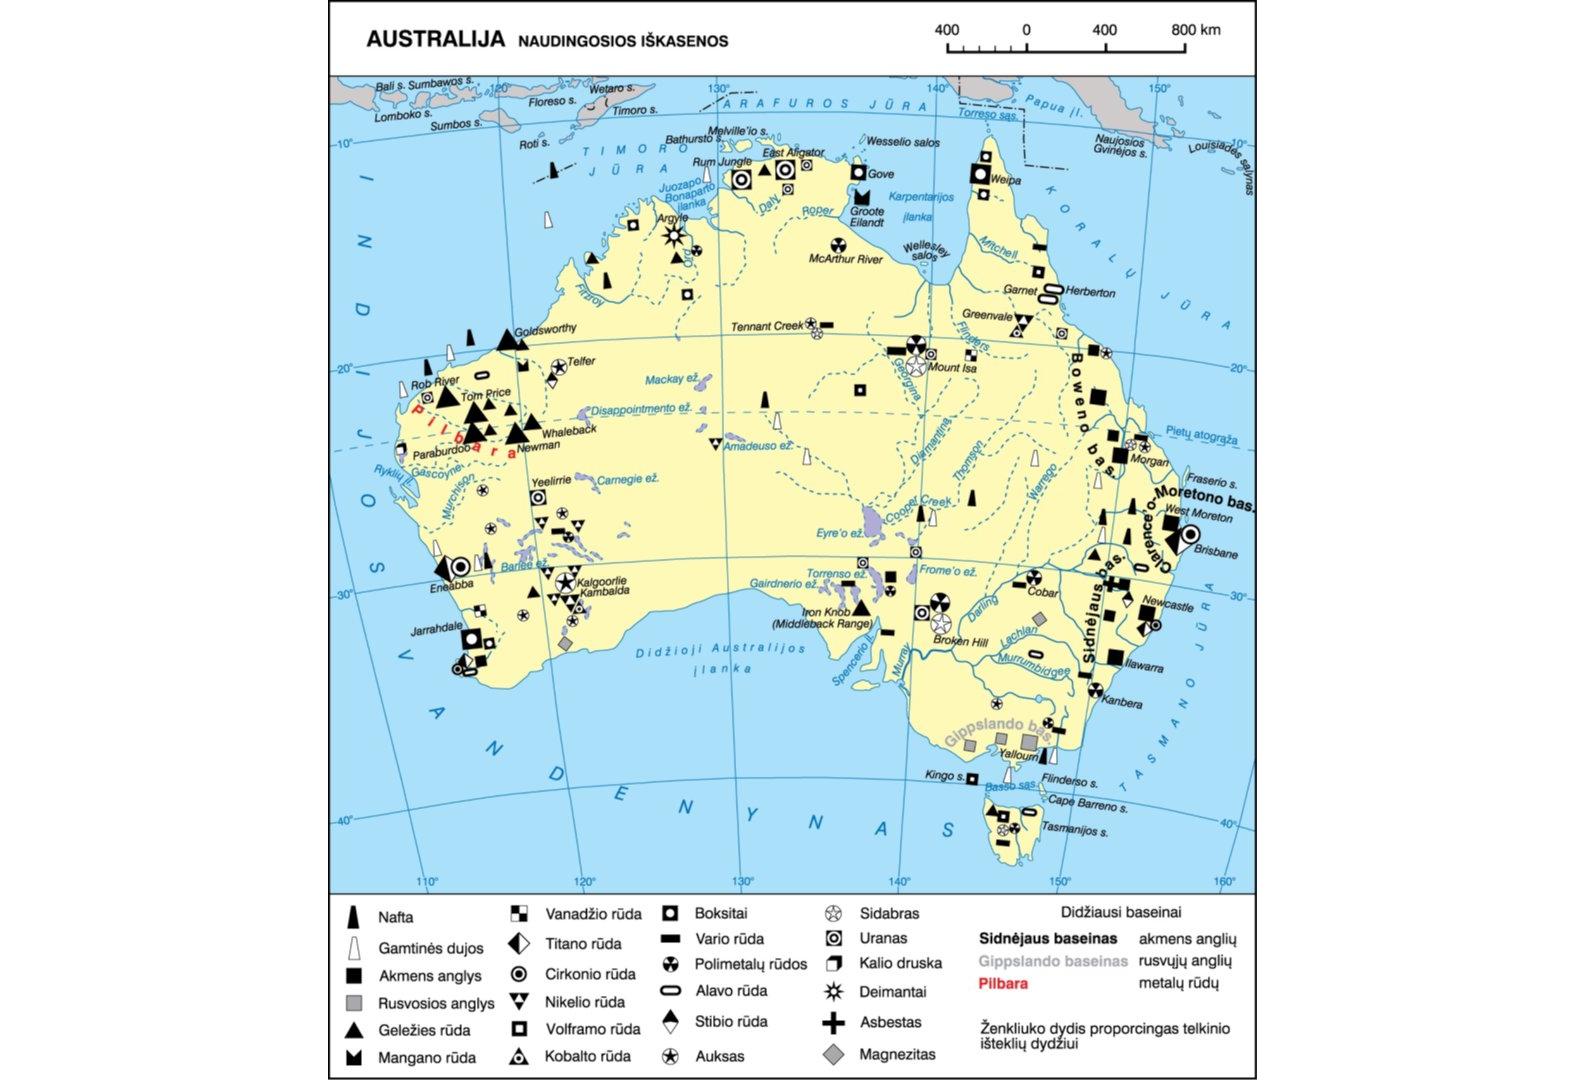 alternatyvi prekybos sistema australija